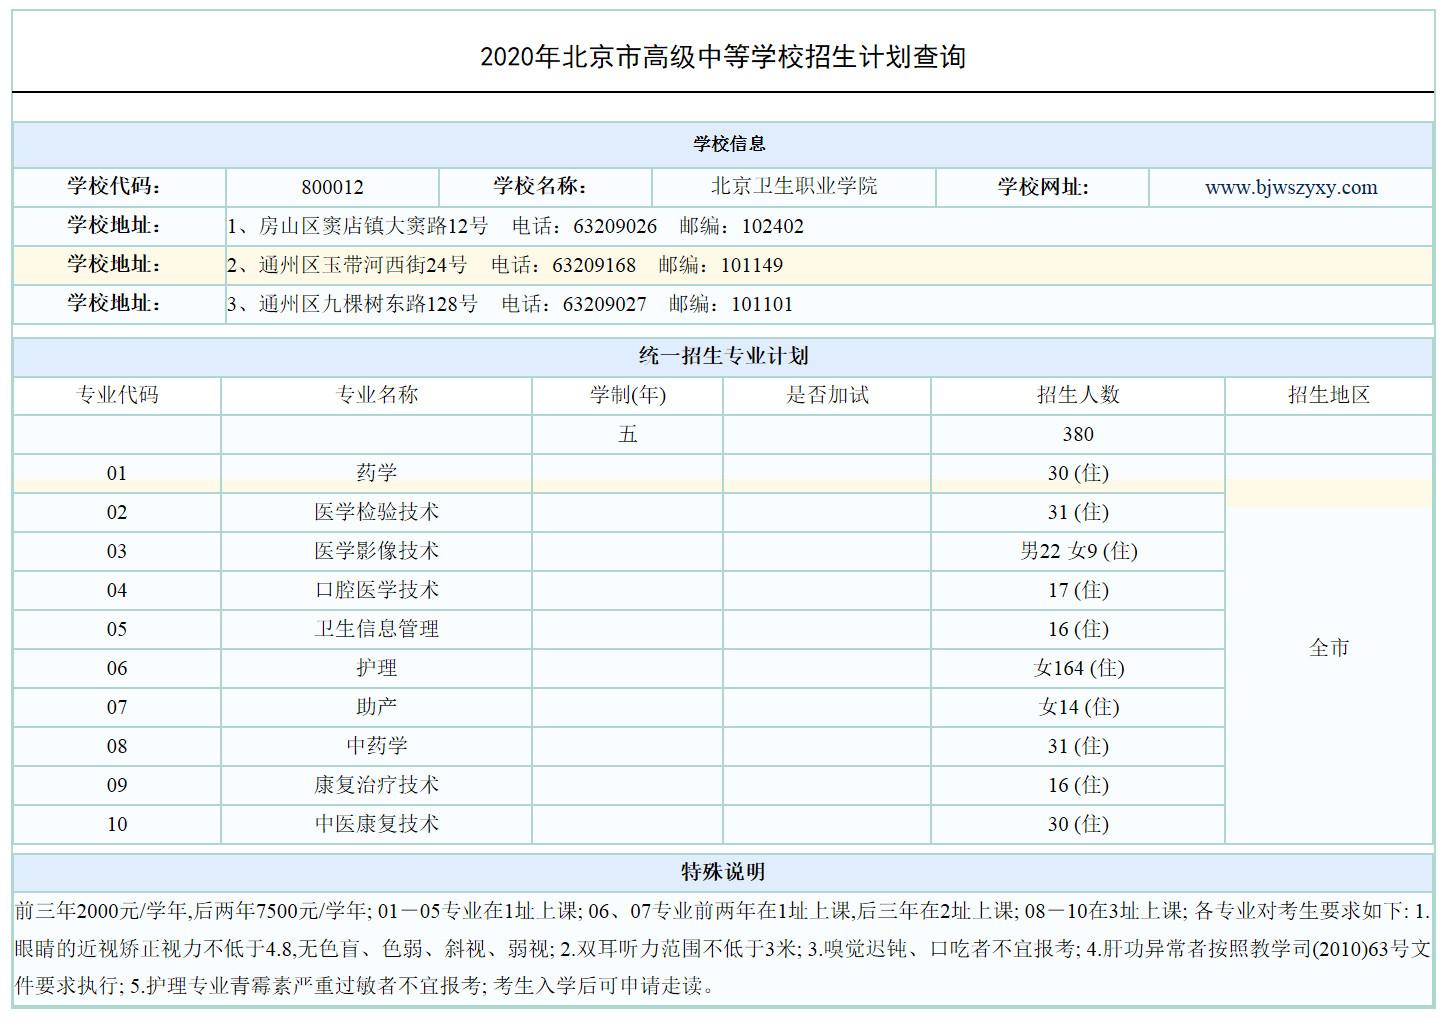 2020北京卫生职业学院统一招生计划公布(市属五年制高职)